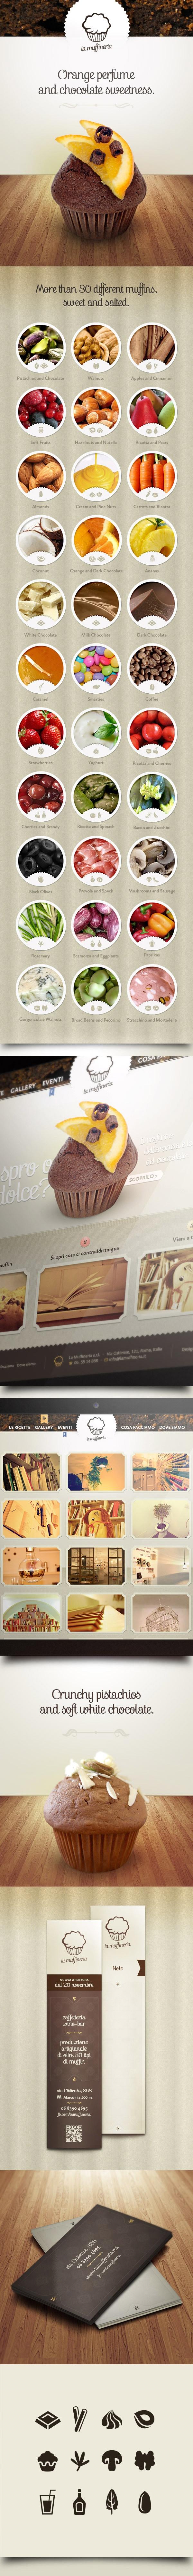 La Muffineria by Alessandro Suraci, via Behance #design